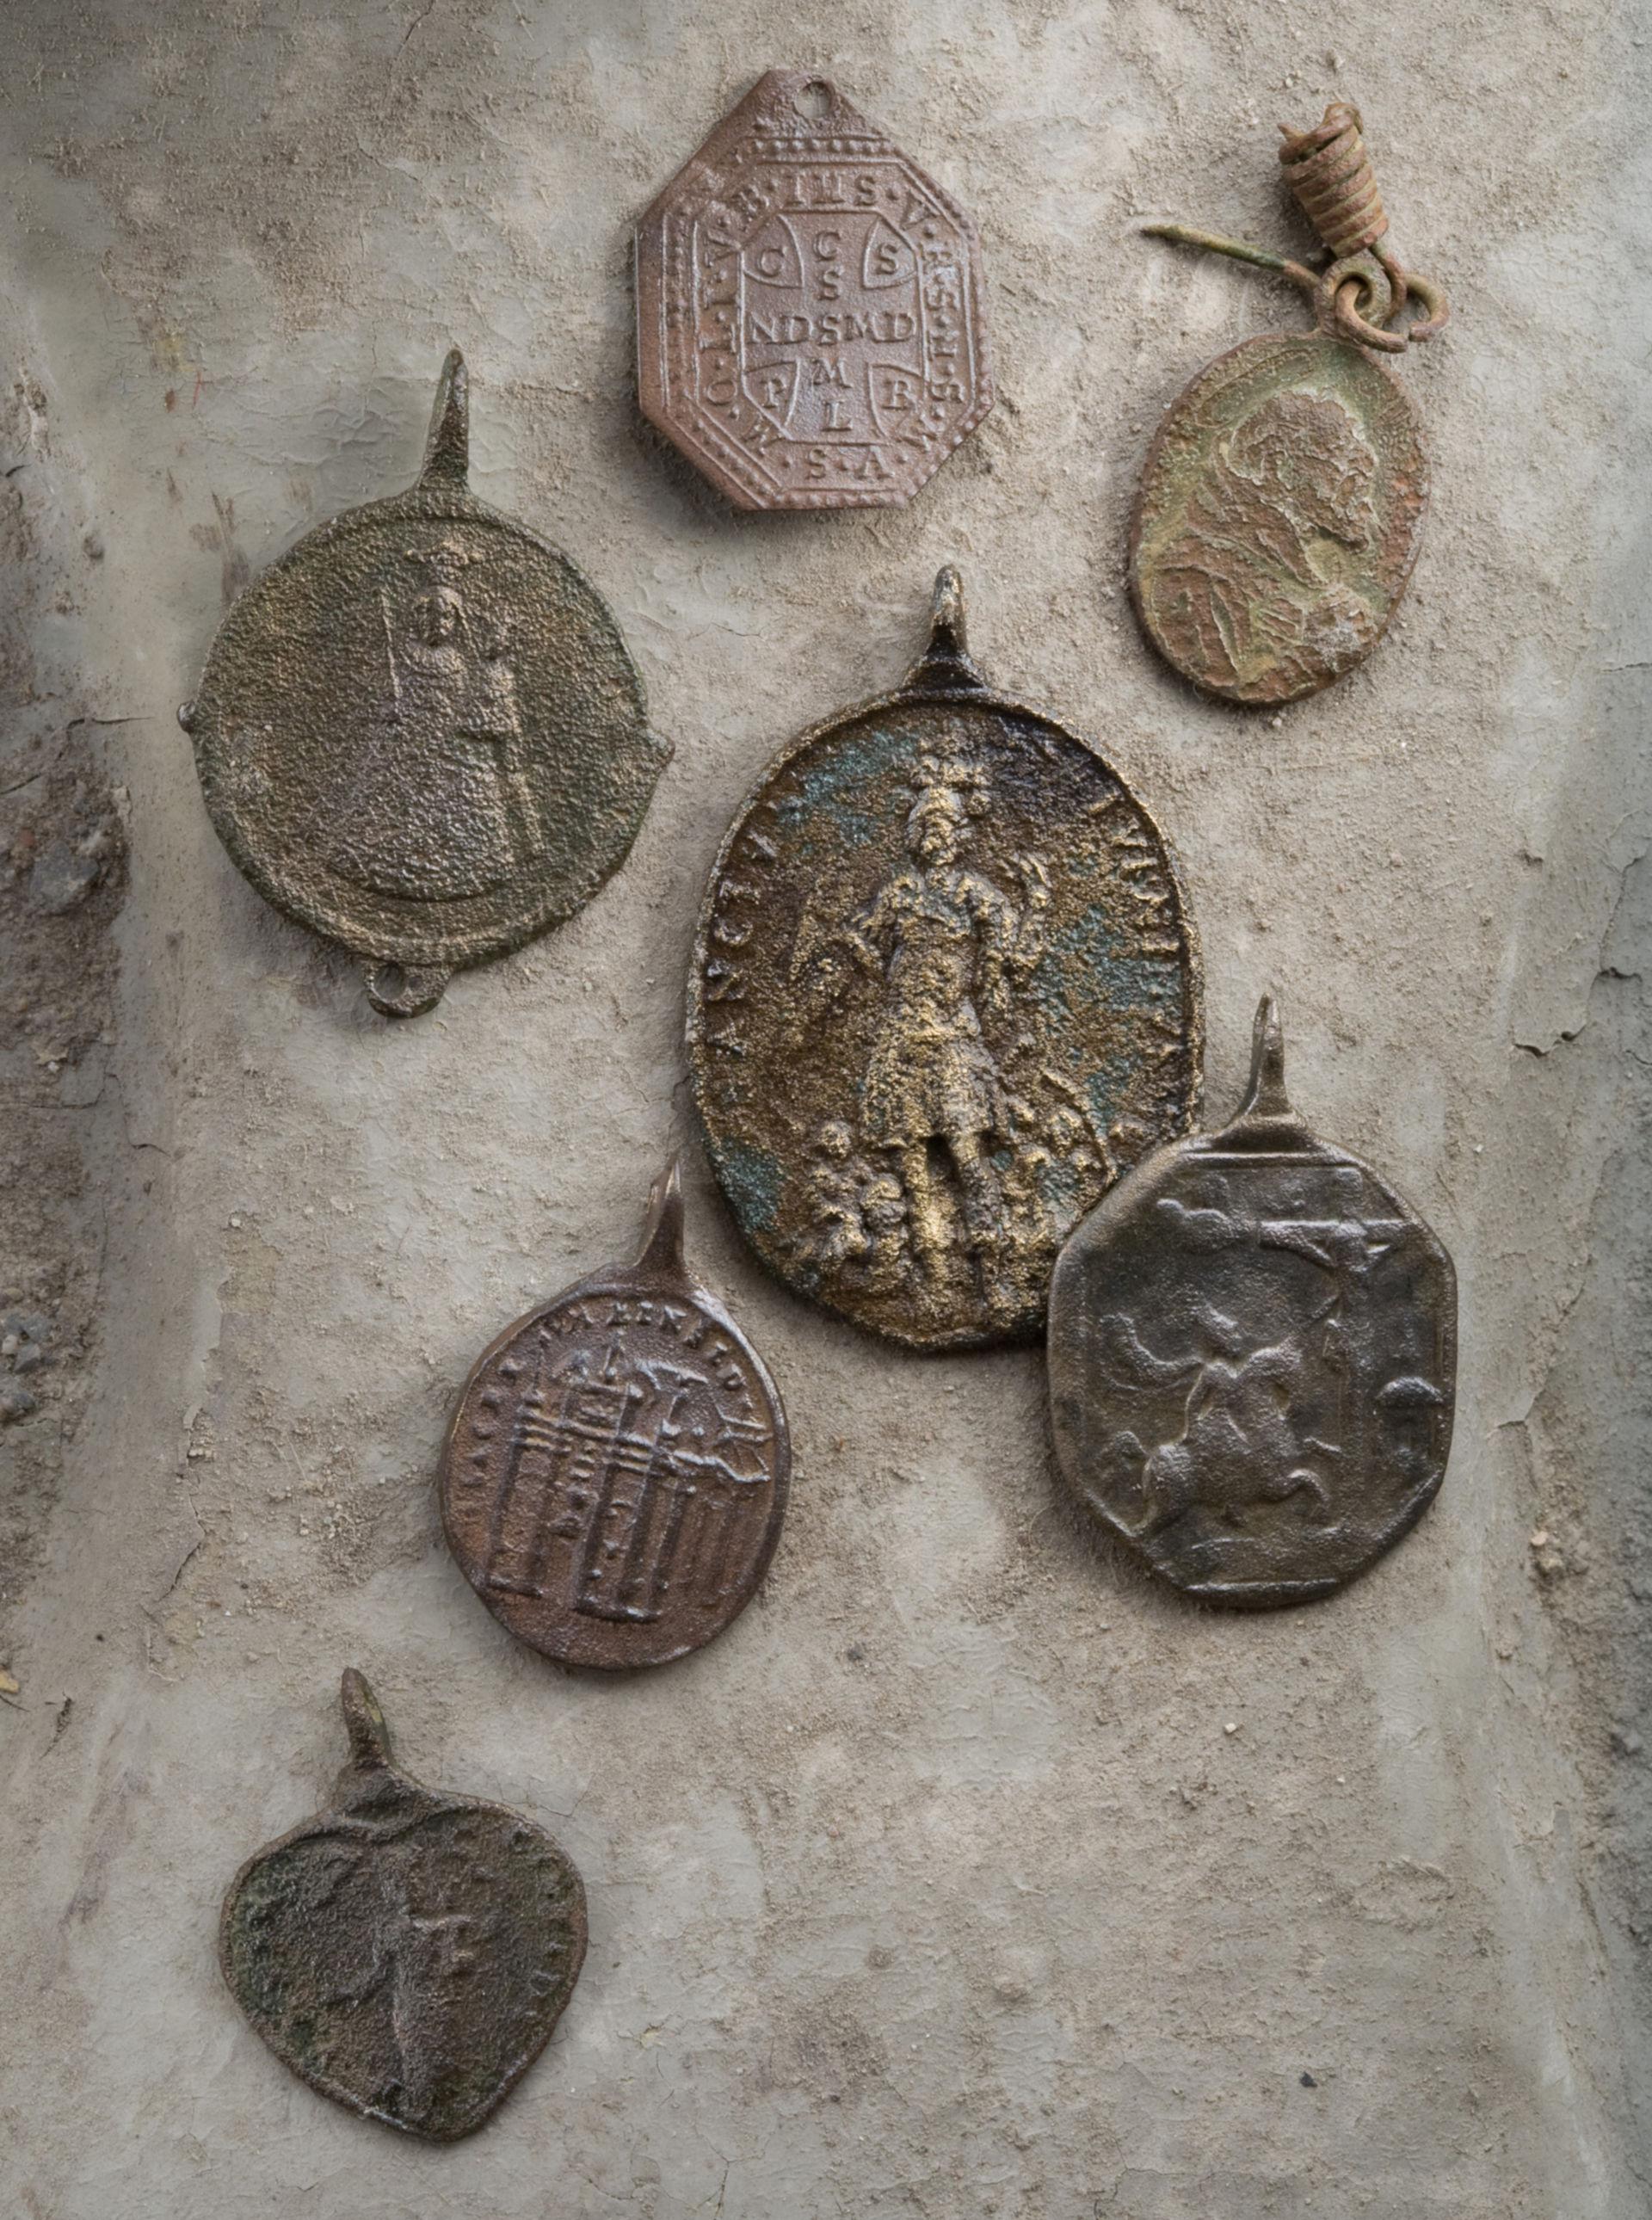 Zahlreiche Pilger besuchten Rheinau im 17. bis 19. Jahrhundert. Immer wieder verloren sie Abzeichen, die sie von einer ihrer Wallfahrten mitbrachten. Crediti photo: © Kantonsarchäologie Zürich).